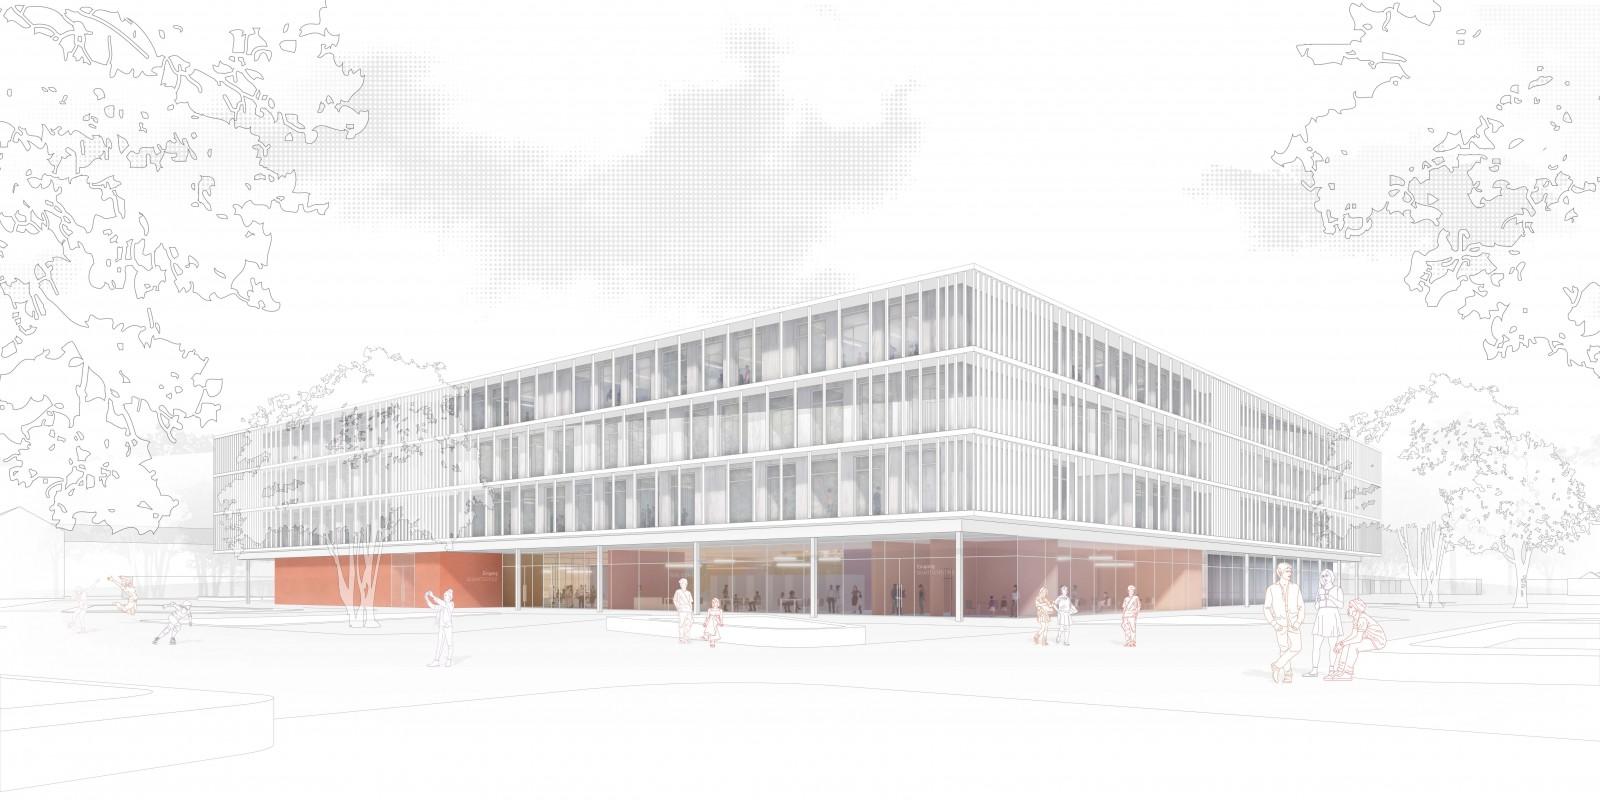 WB Gesamtschule Altenessen-Süd